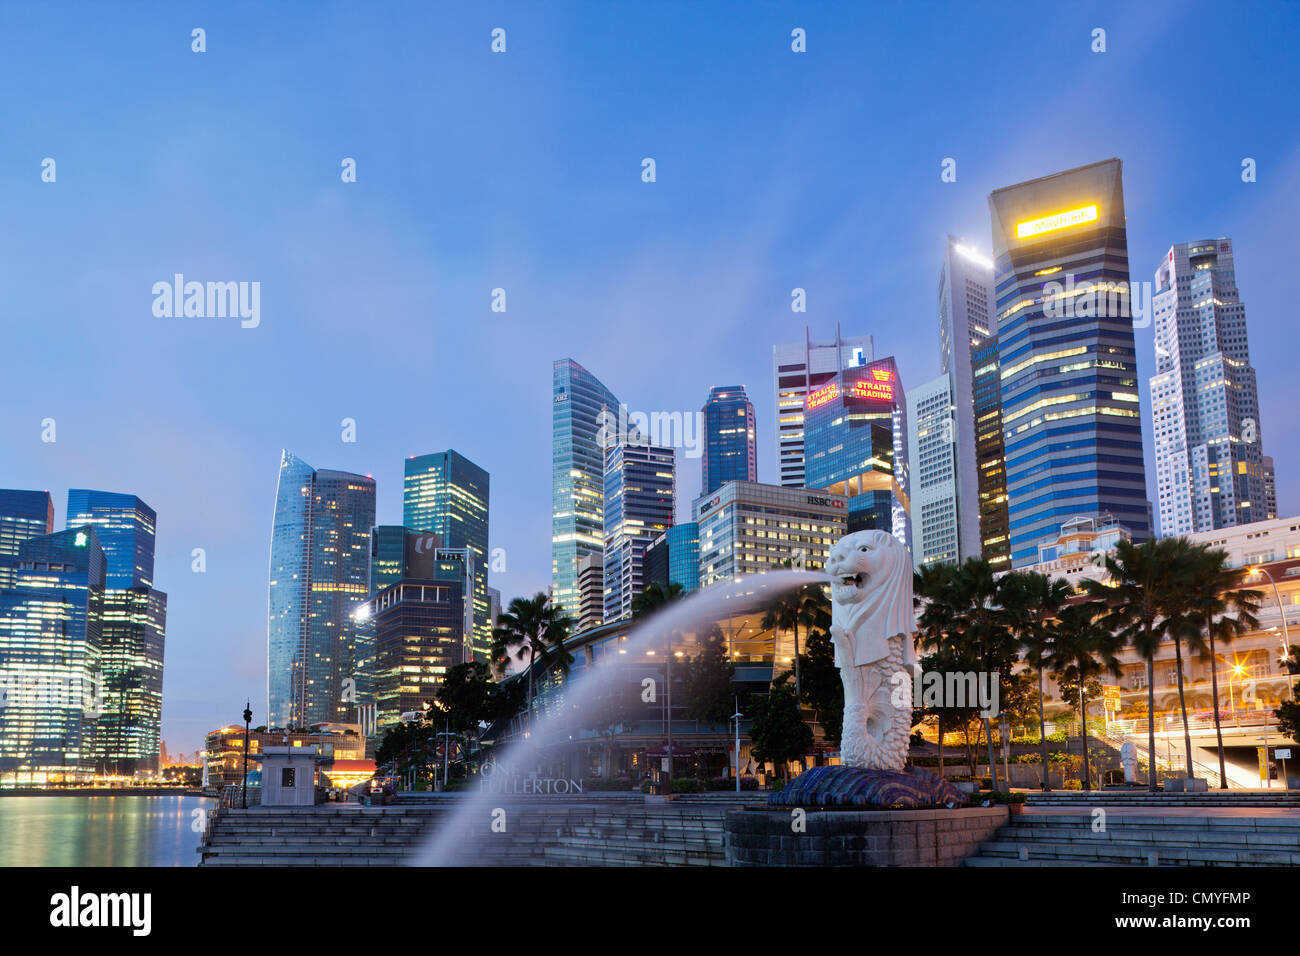 Singapour, statue du Merlion et City Skyline at Dusk Banque D'Images